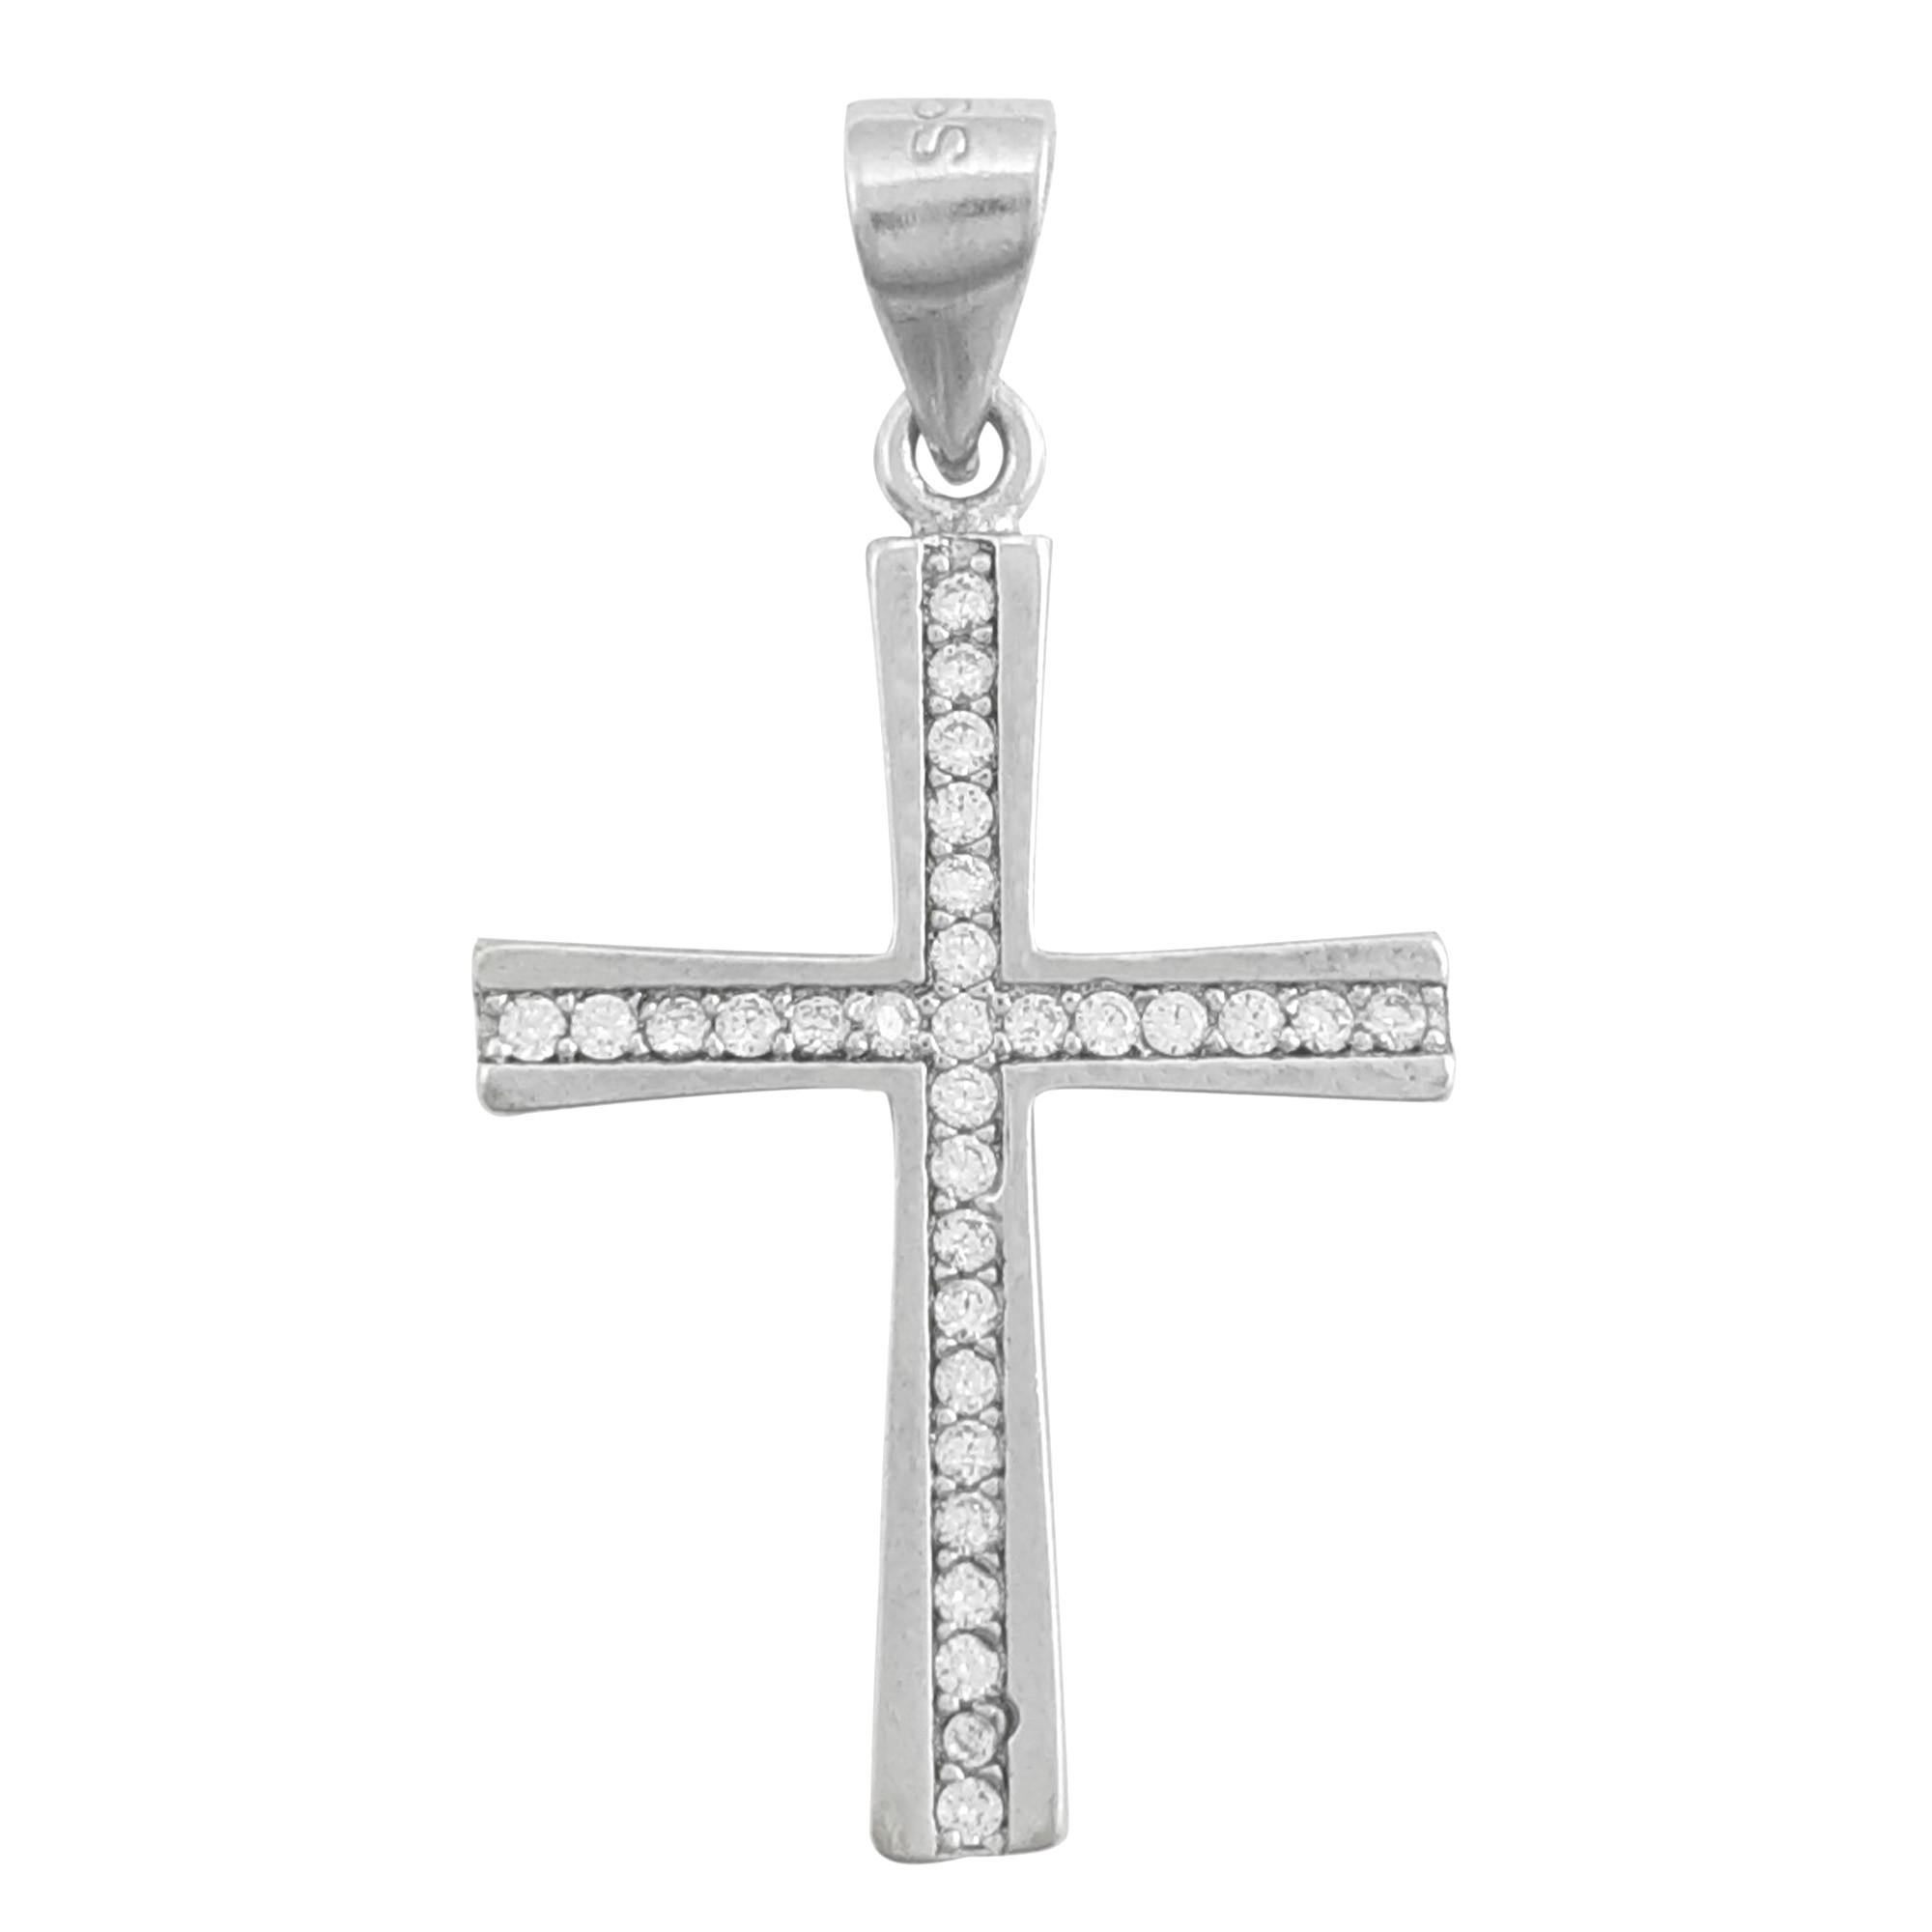 Pingente de cruz cravejada em Prata 925 e ródio branco